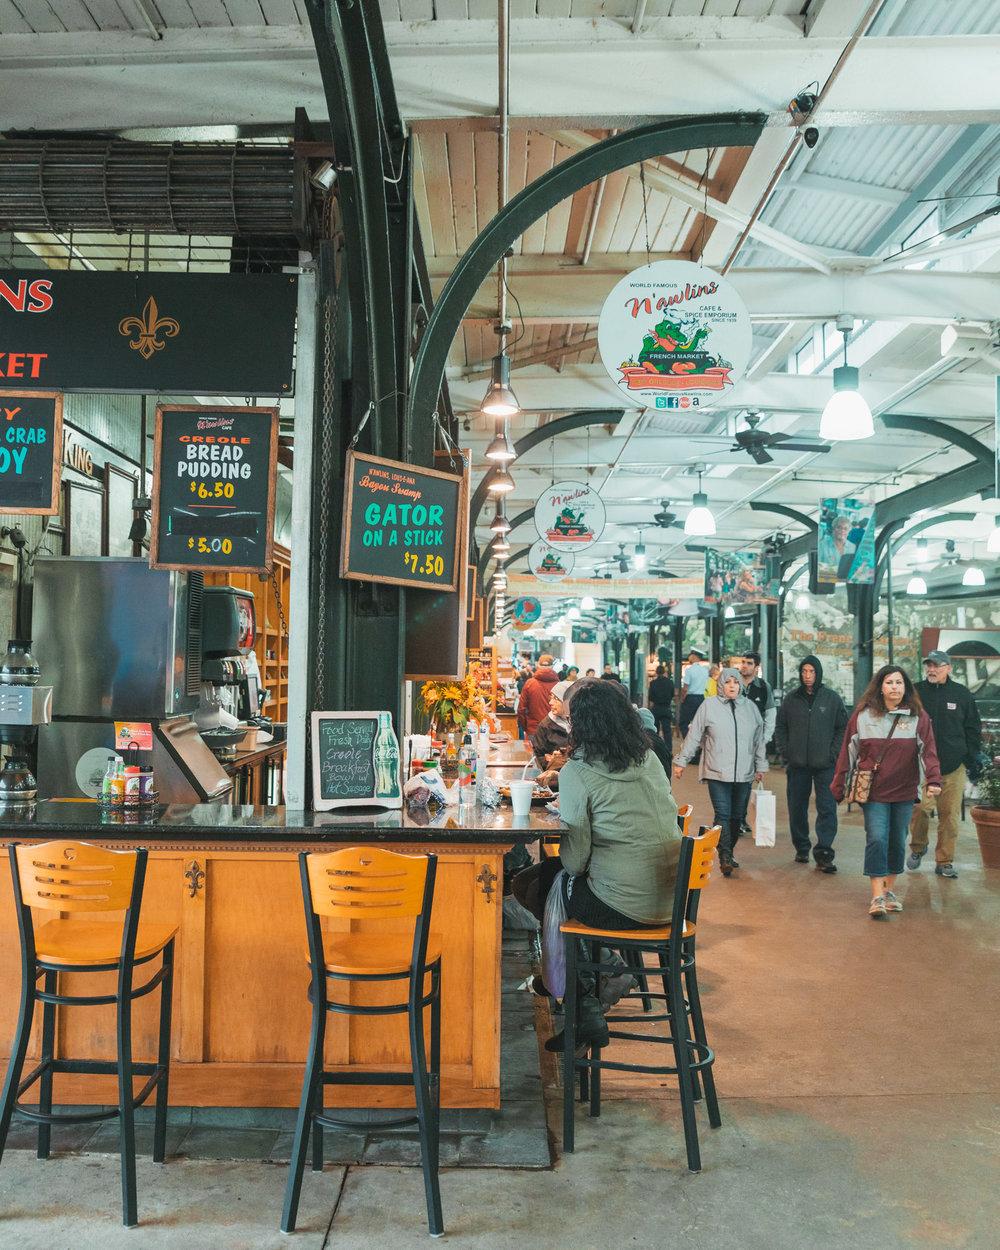 French Market NOLA - The Rainy Day Guide to New Orleans www.readysetjetset.net #readysetjetset